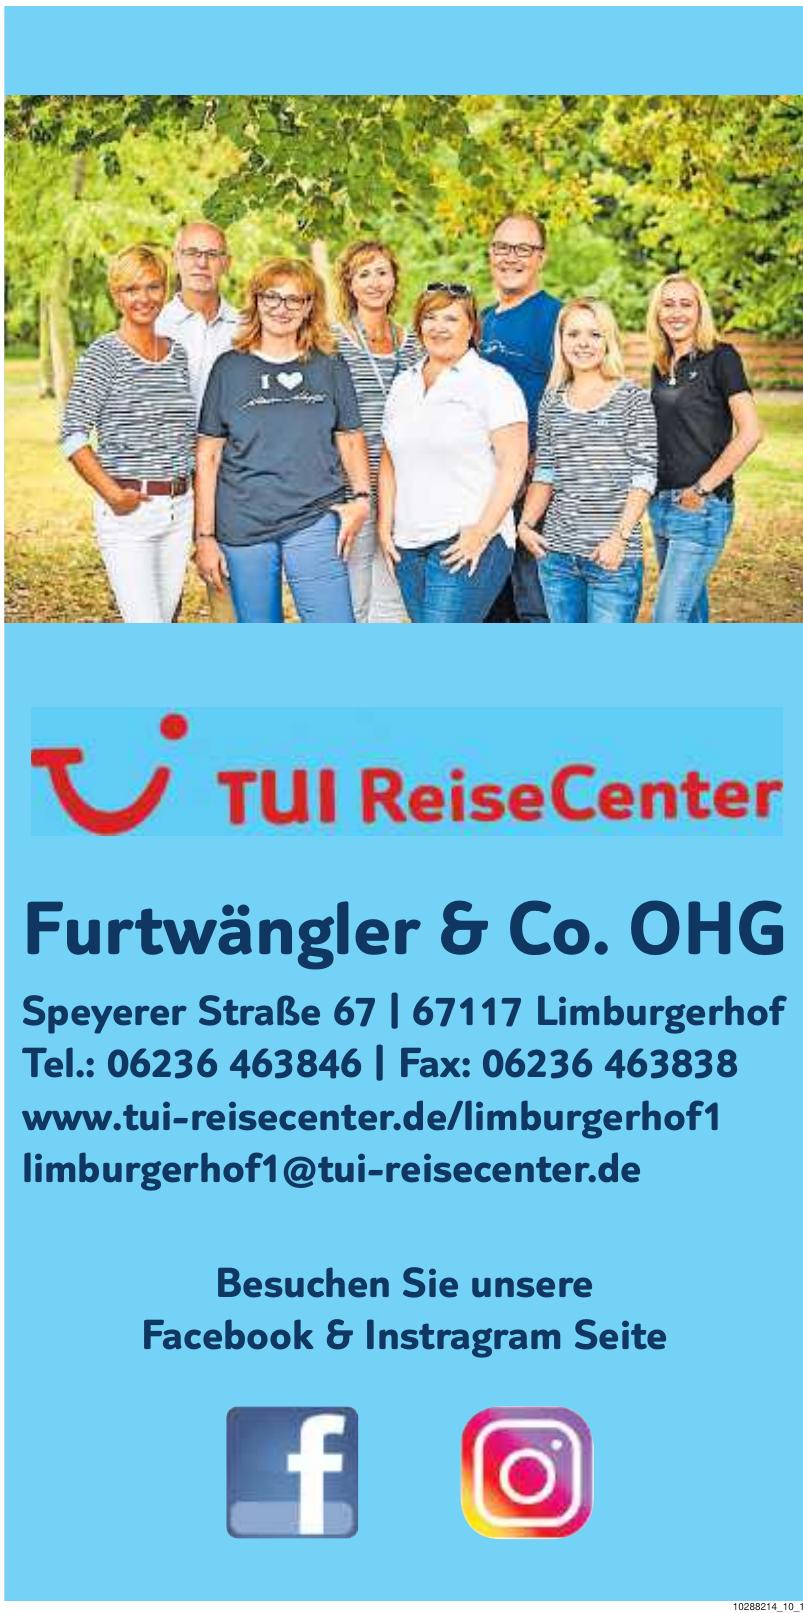 Tui ReiseCenter Furtwängler & Co. oHG